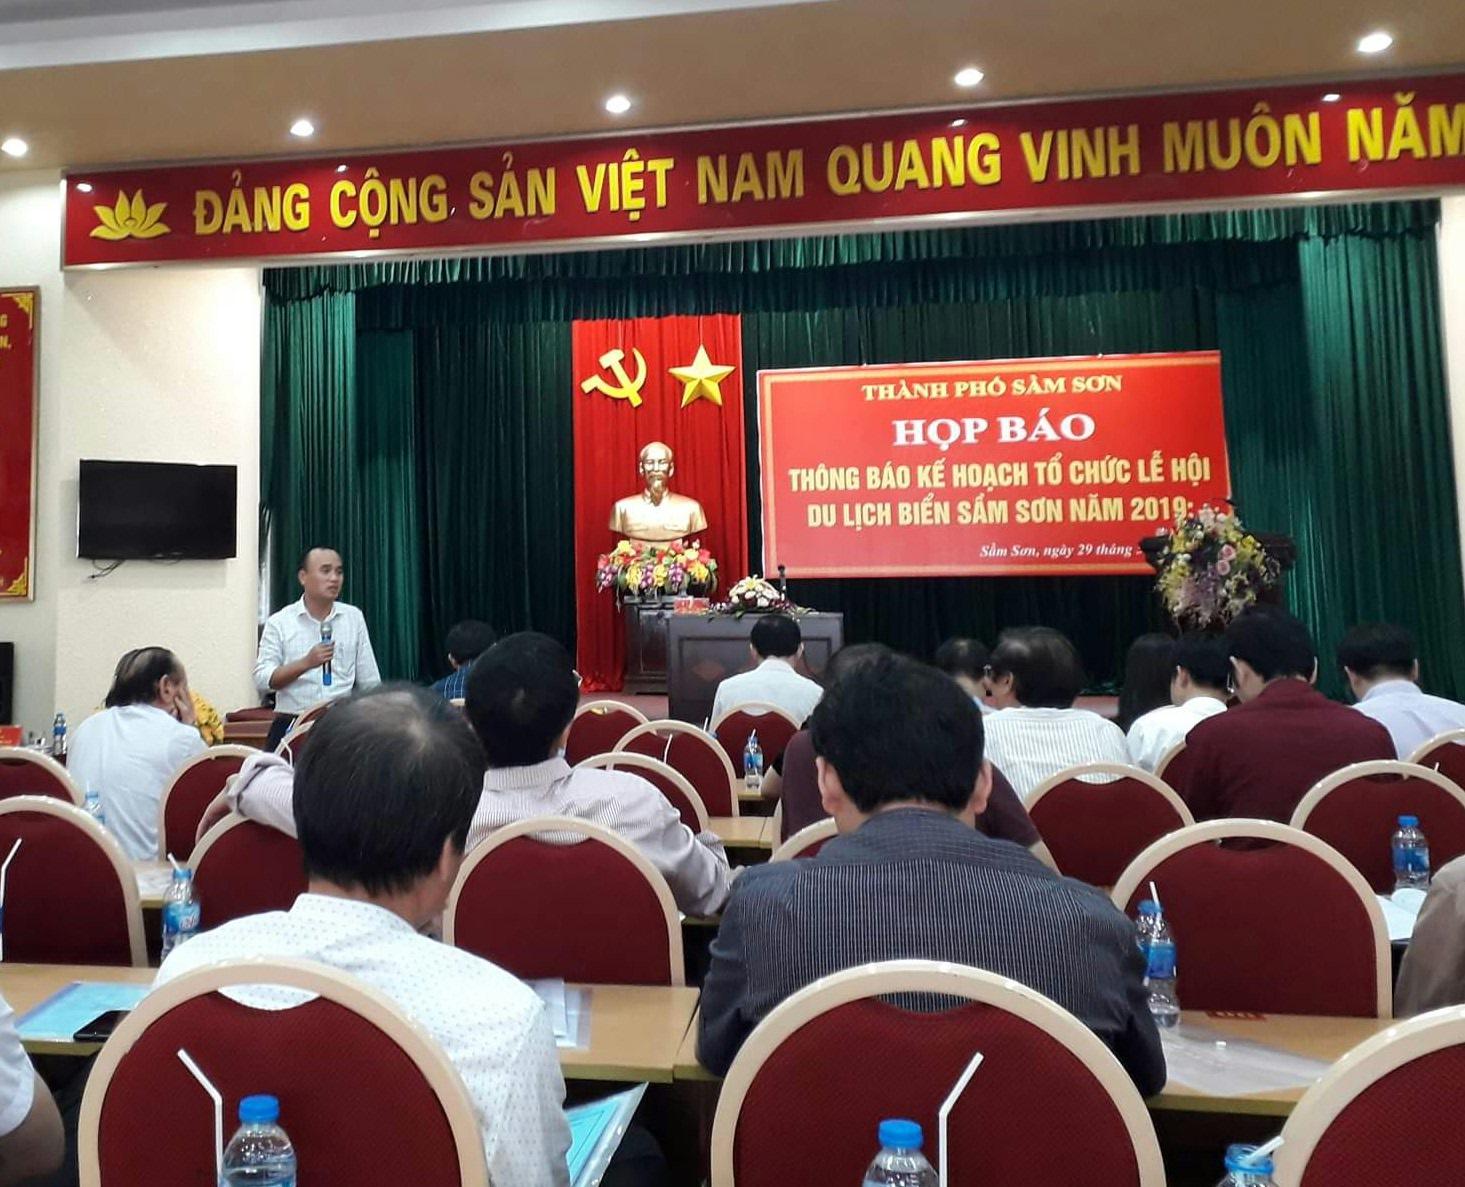 """Sầm Sơn 2019 sẽ có Lễ hội """"Tình yêu - Hòn Trống mái"""" và Carnaval đường phố"""